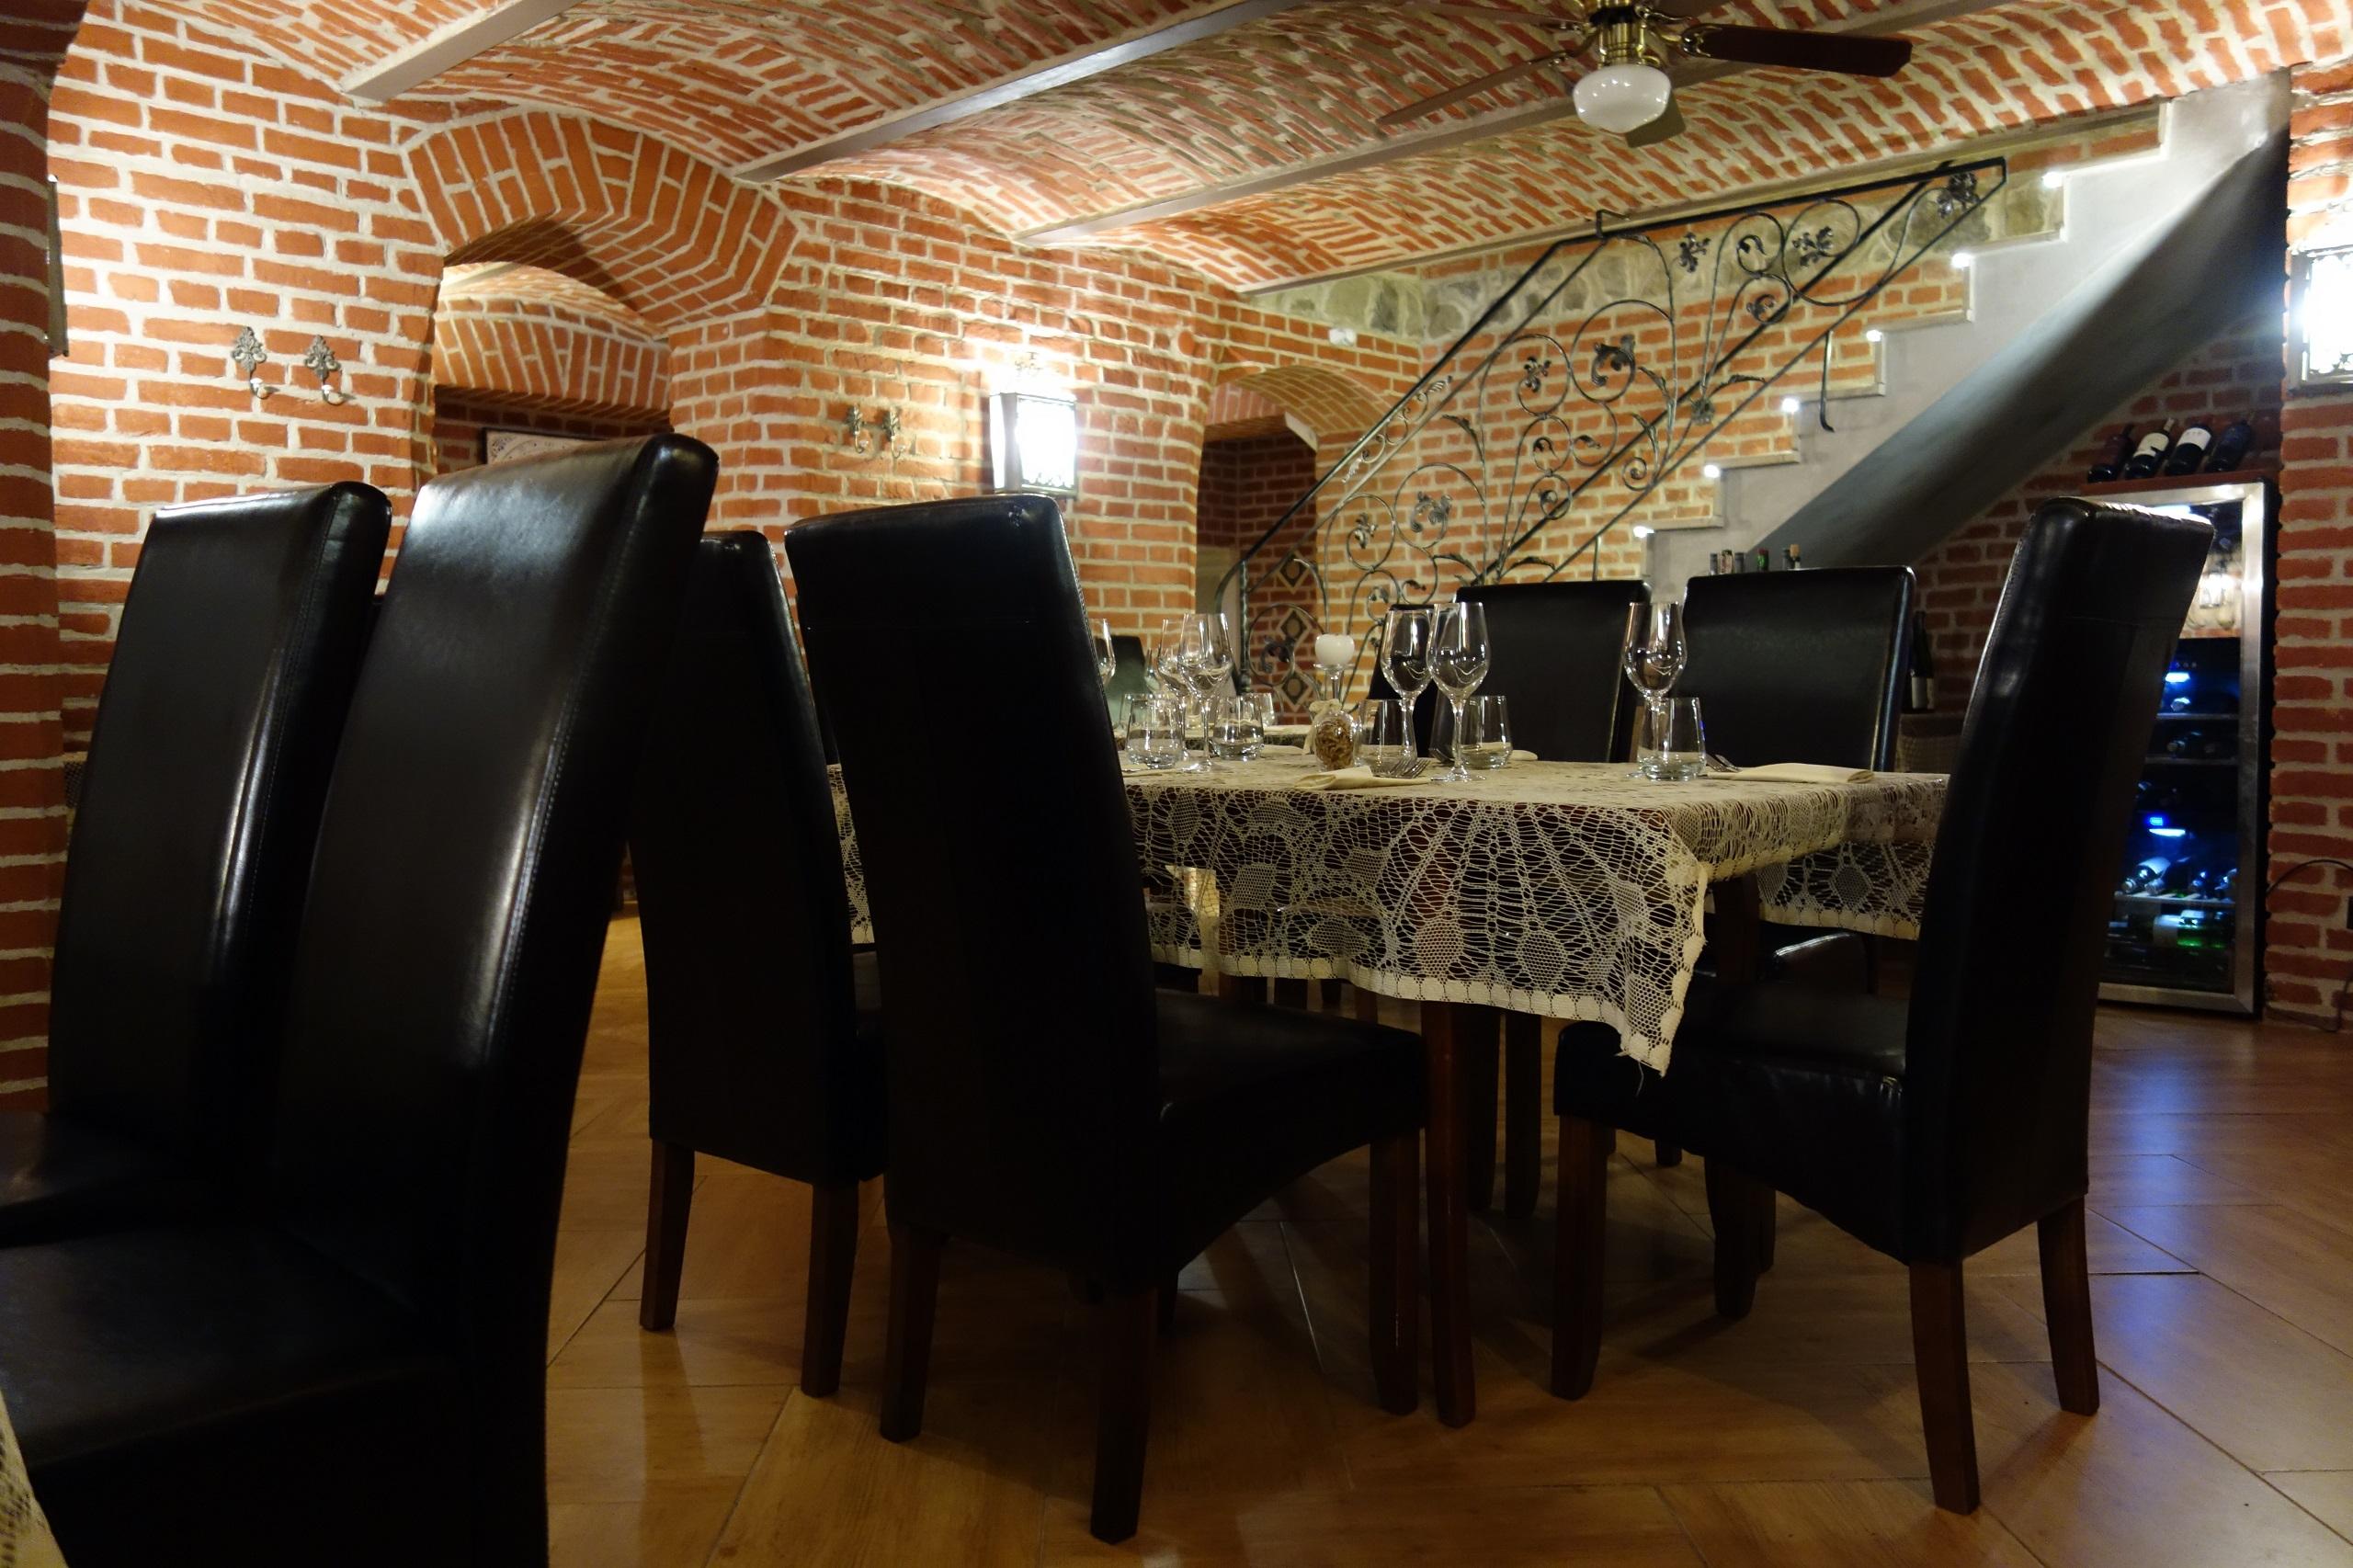 Nowa restauracja w Krośnie - Wino & Talerzyki